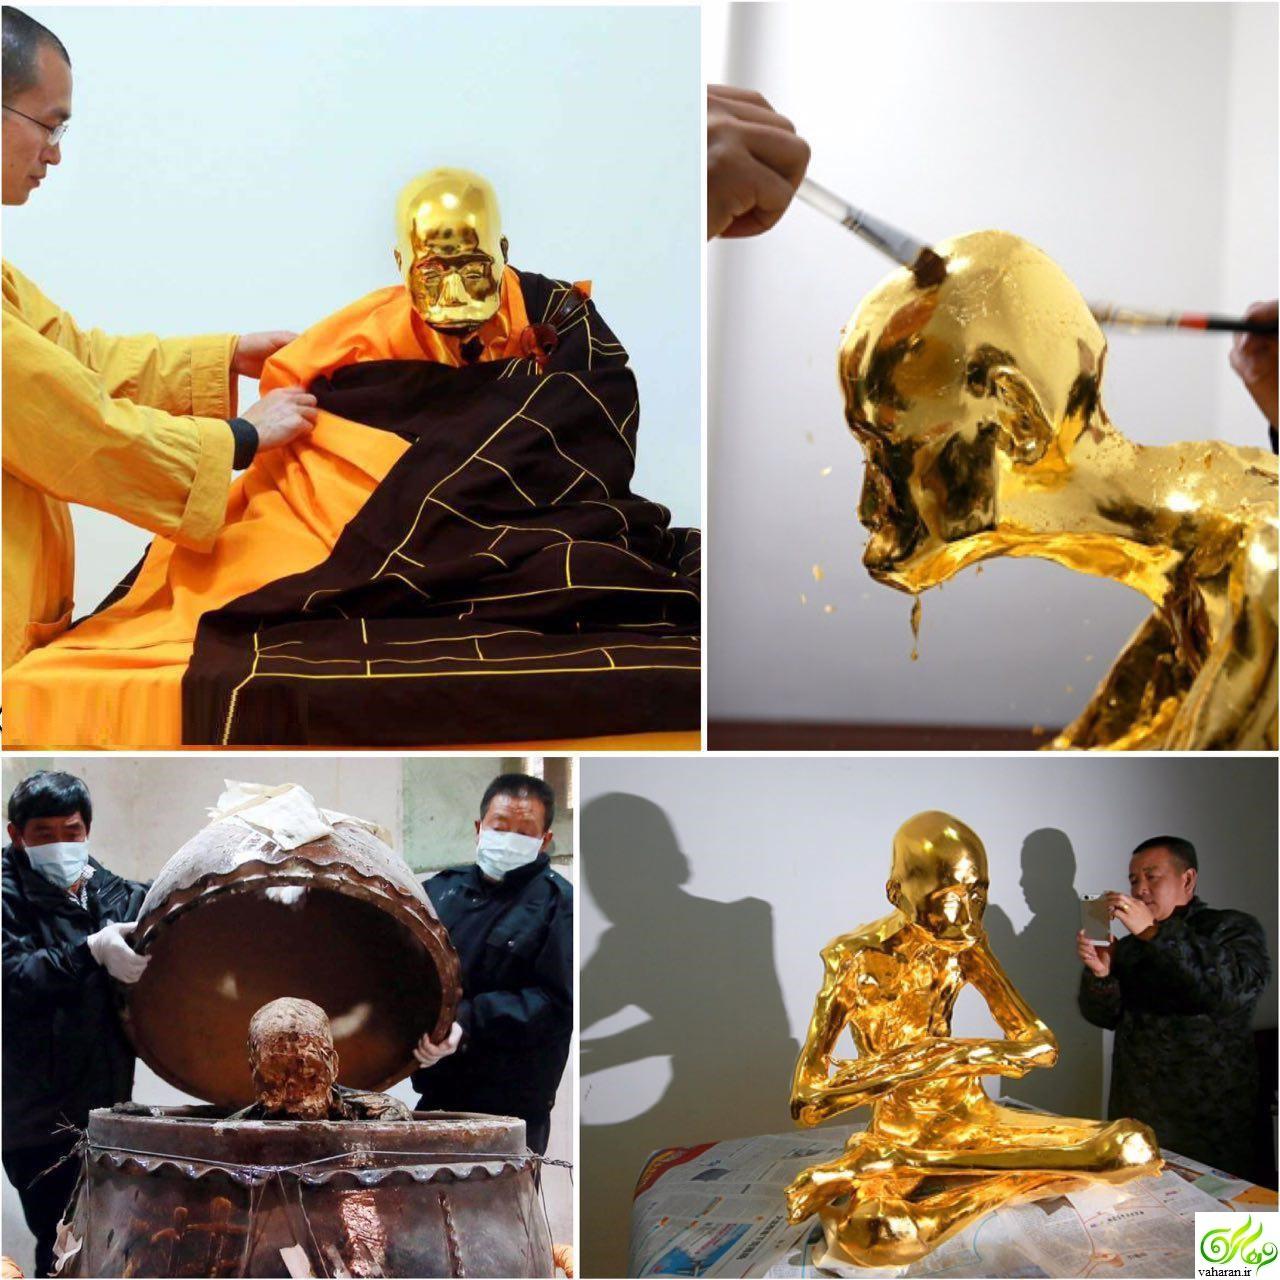 عکس جالب از راهب بودایی مومیایی شده با طلا / حتما ببینید